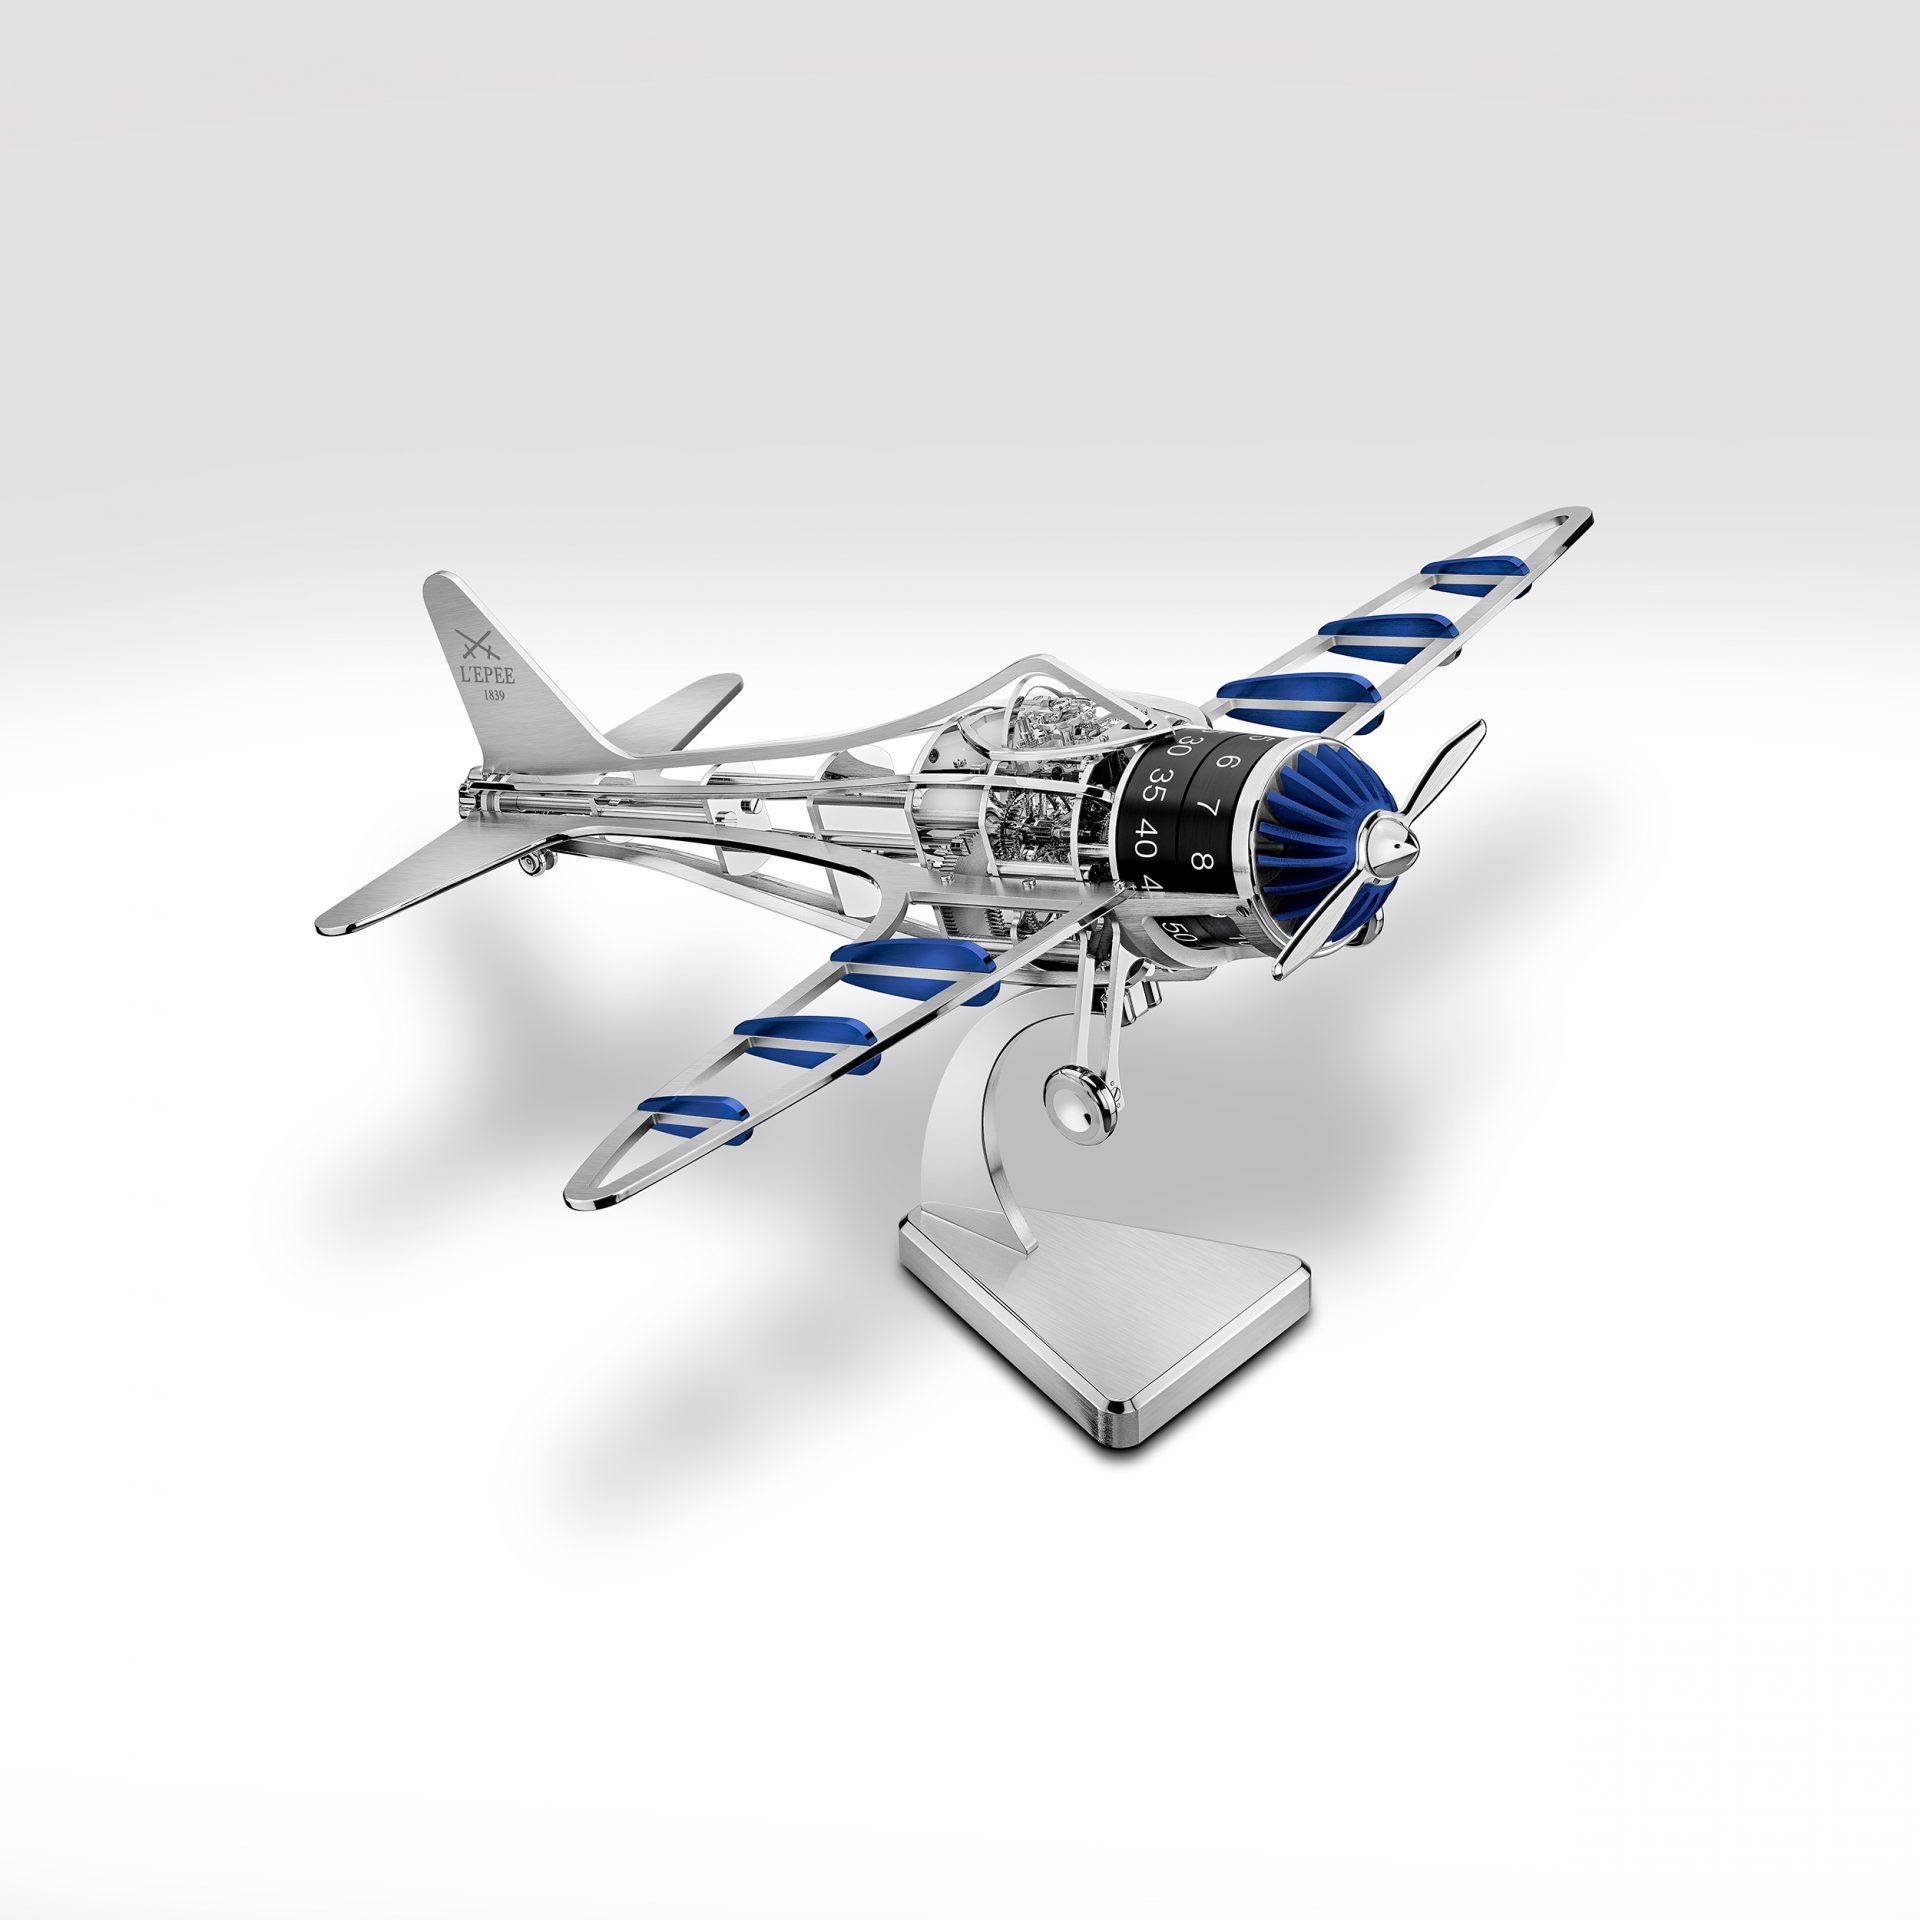 El avión Time FLies sobre una peana